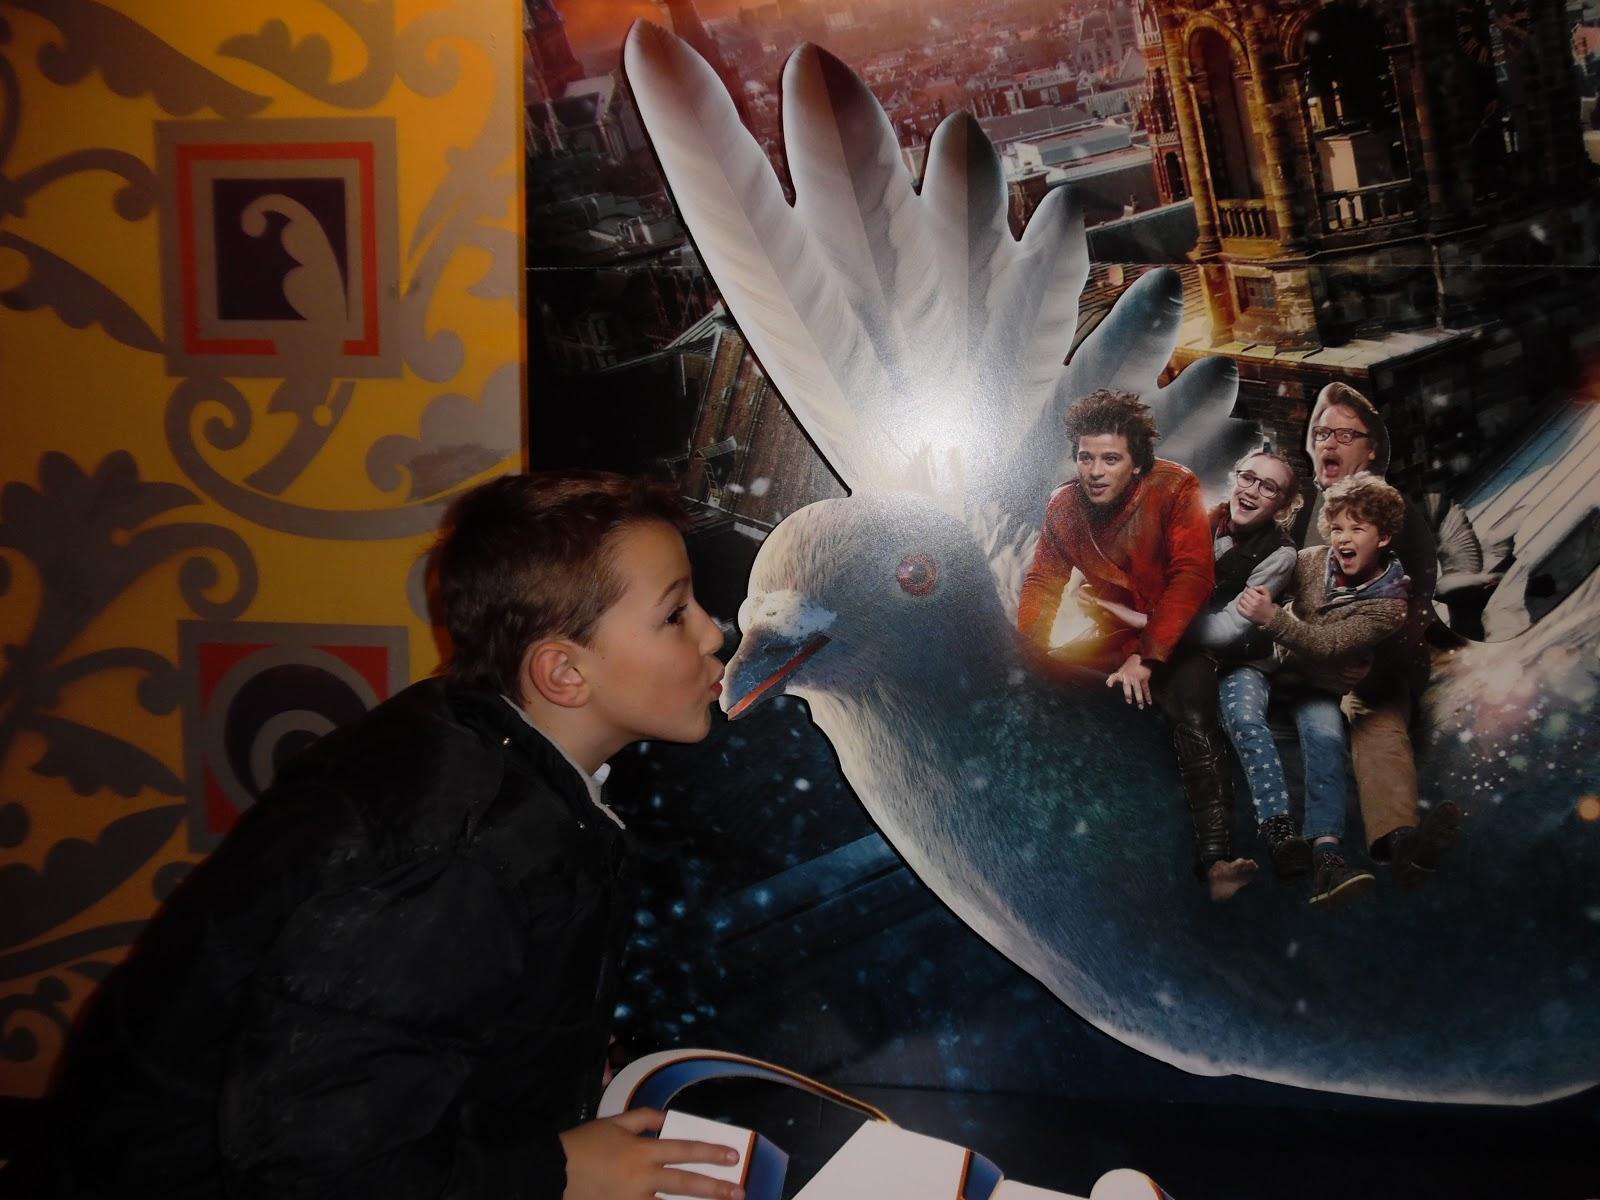 Angel en de Wiplala-filmposter!